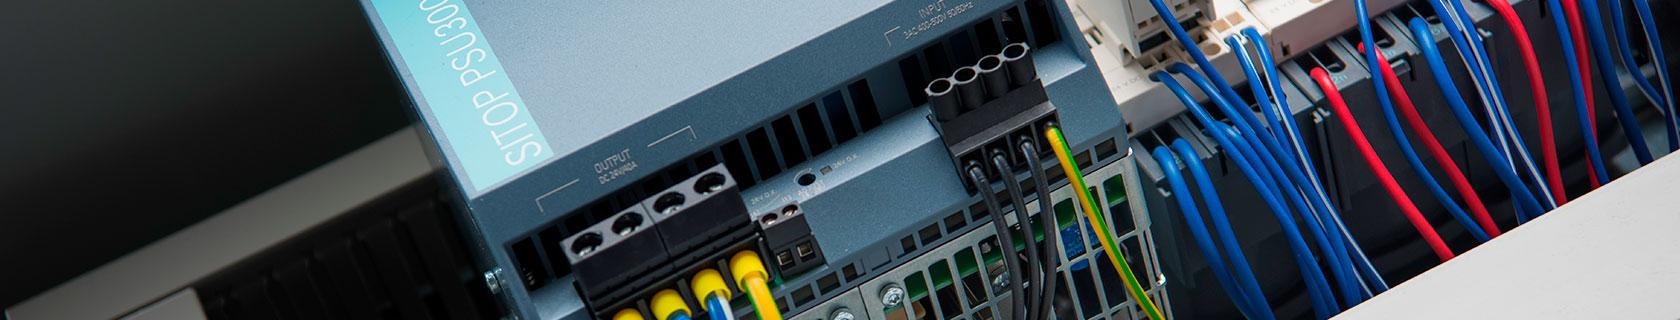 Optimale Verdrahtung und Bestückung garantiert – Weigert Elektronik